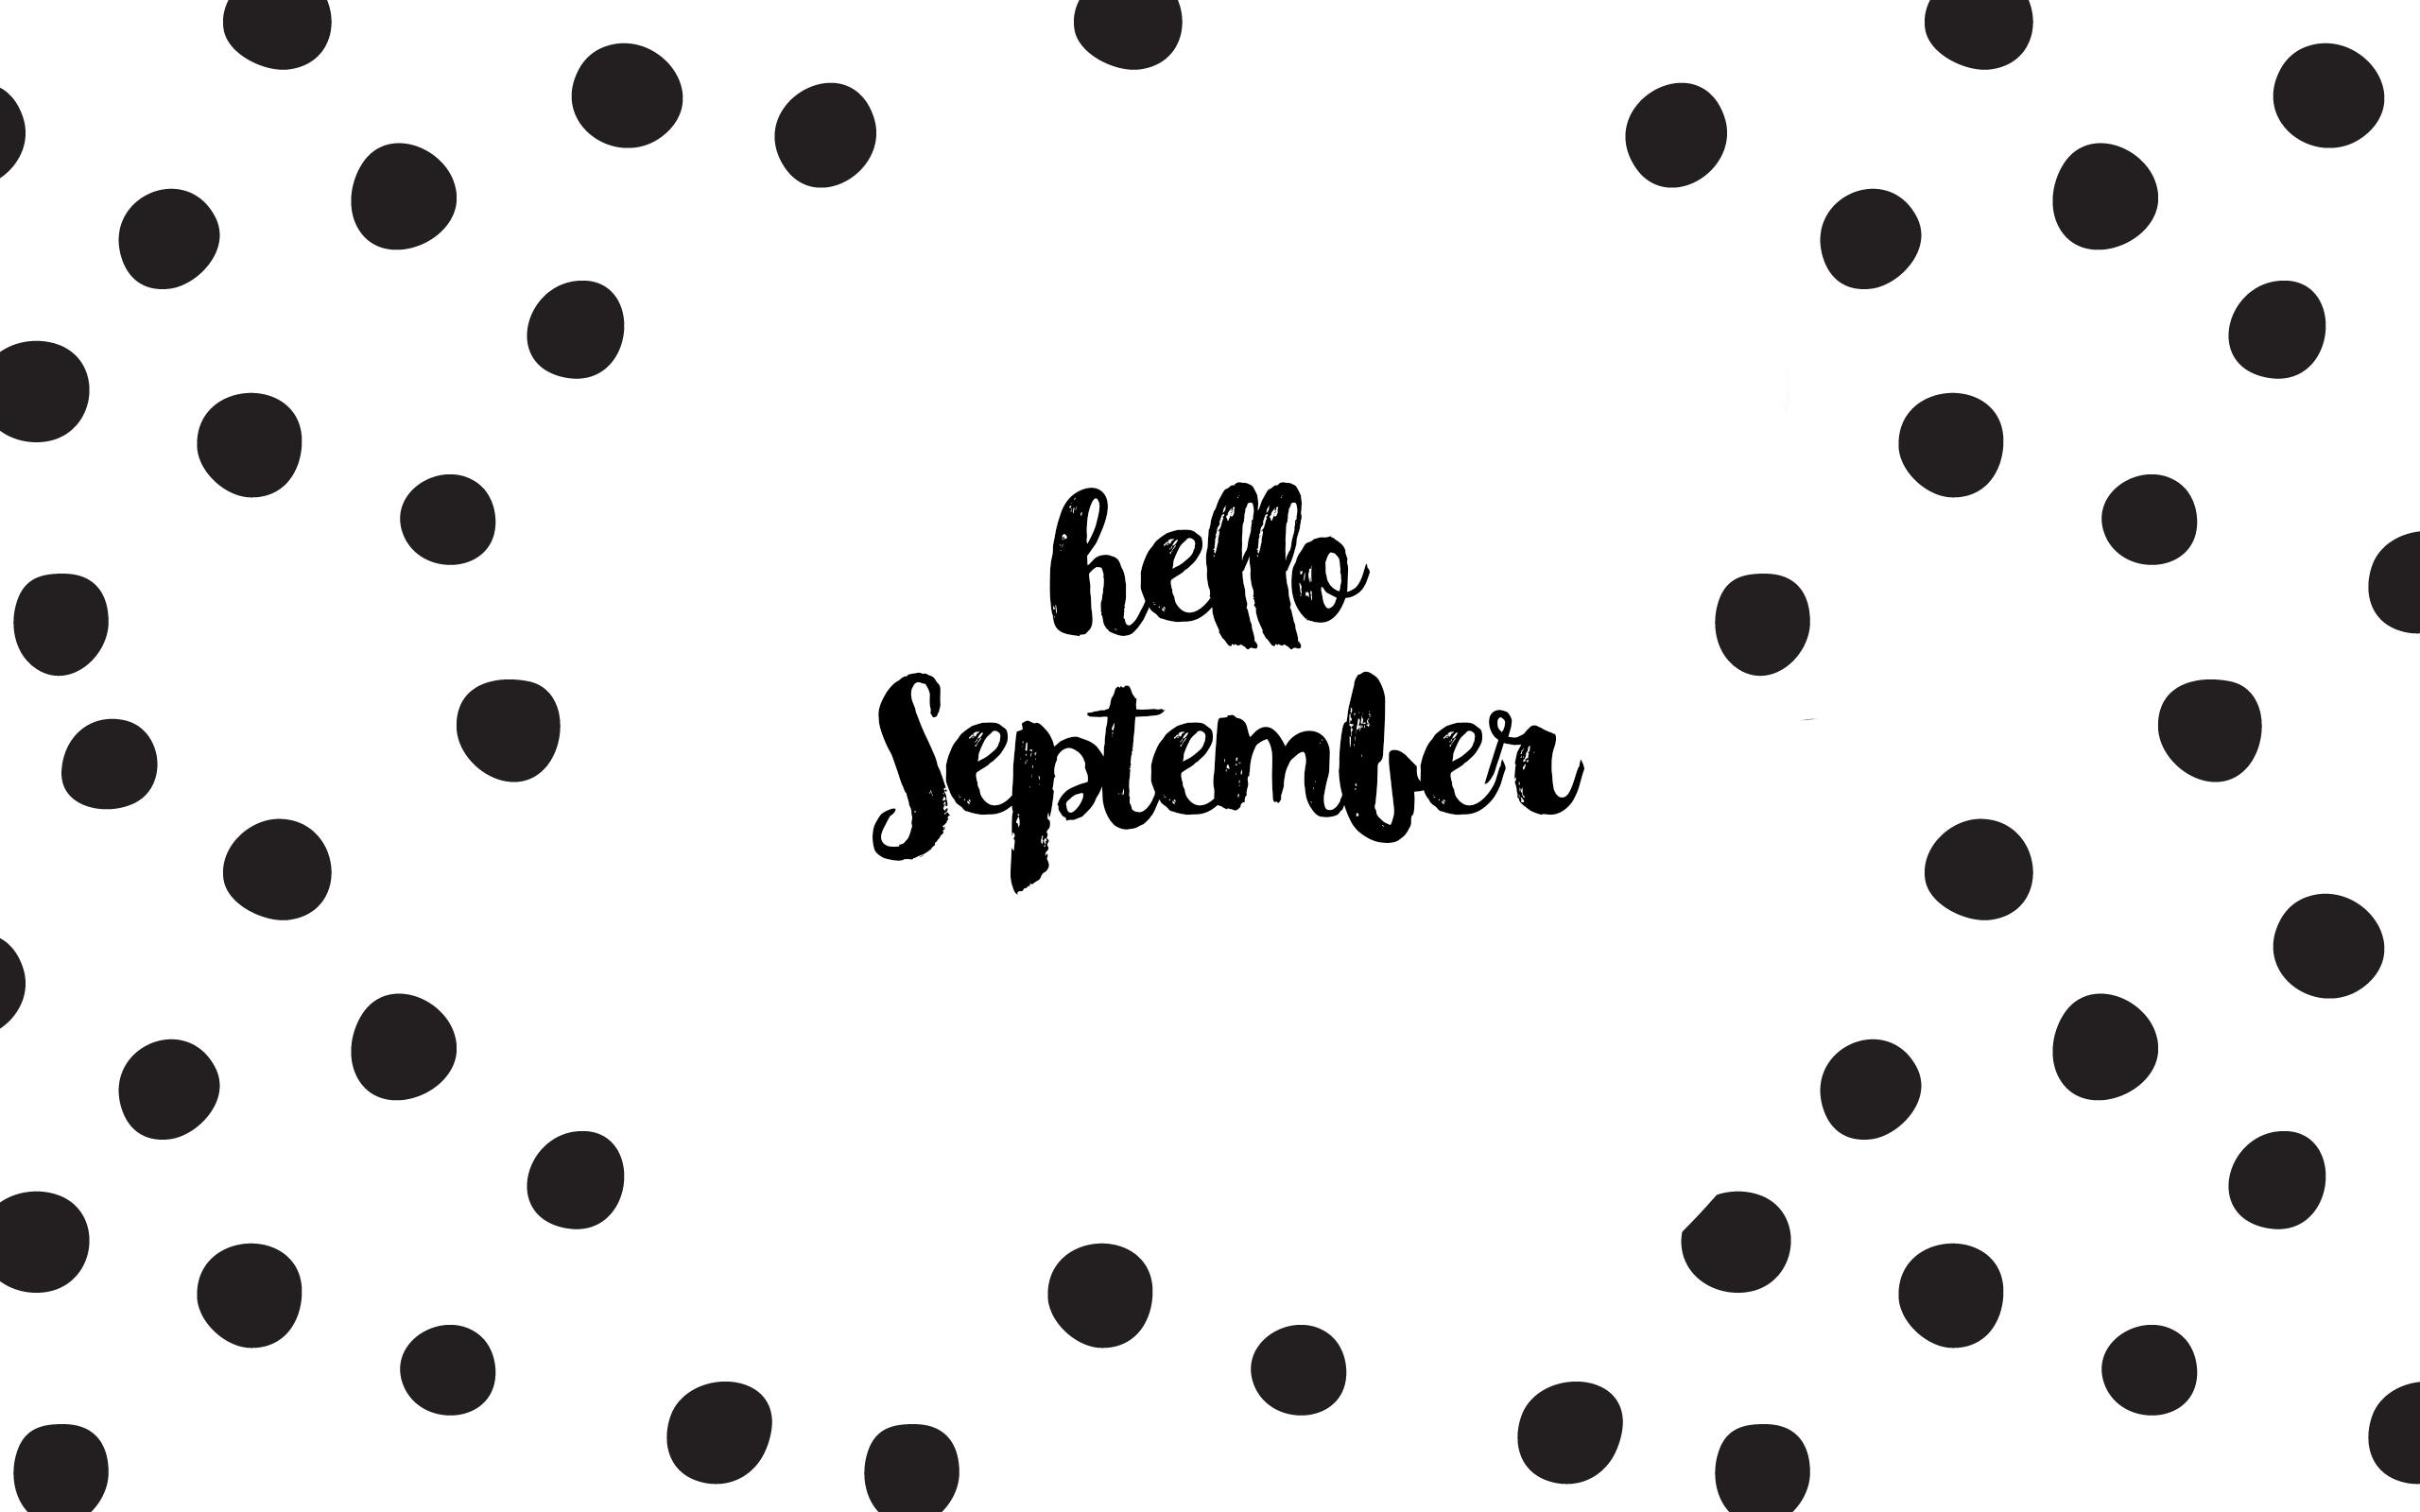 September 2017 Wallpaper Calendar Soggy Musings